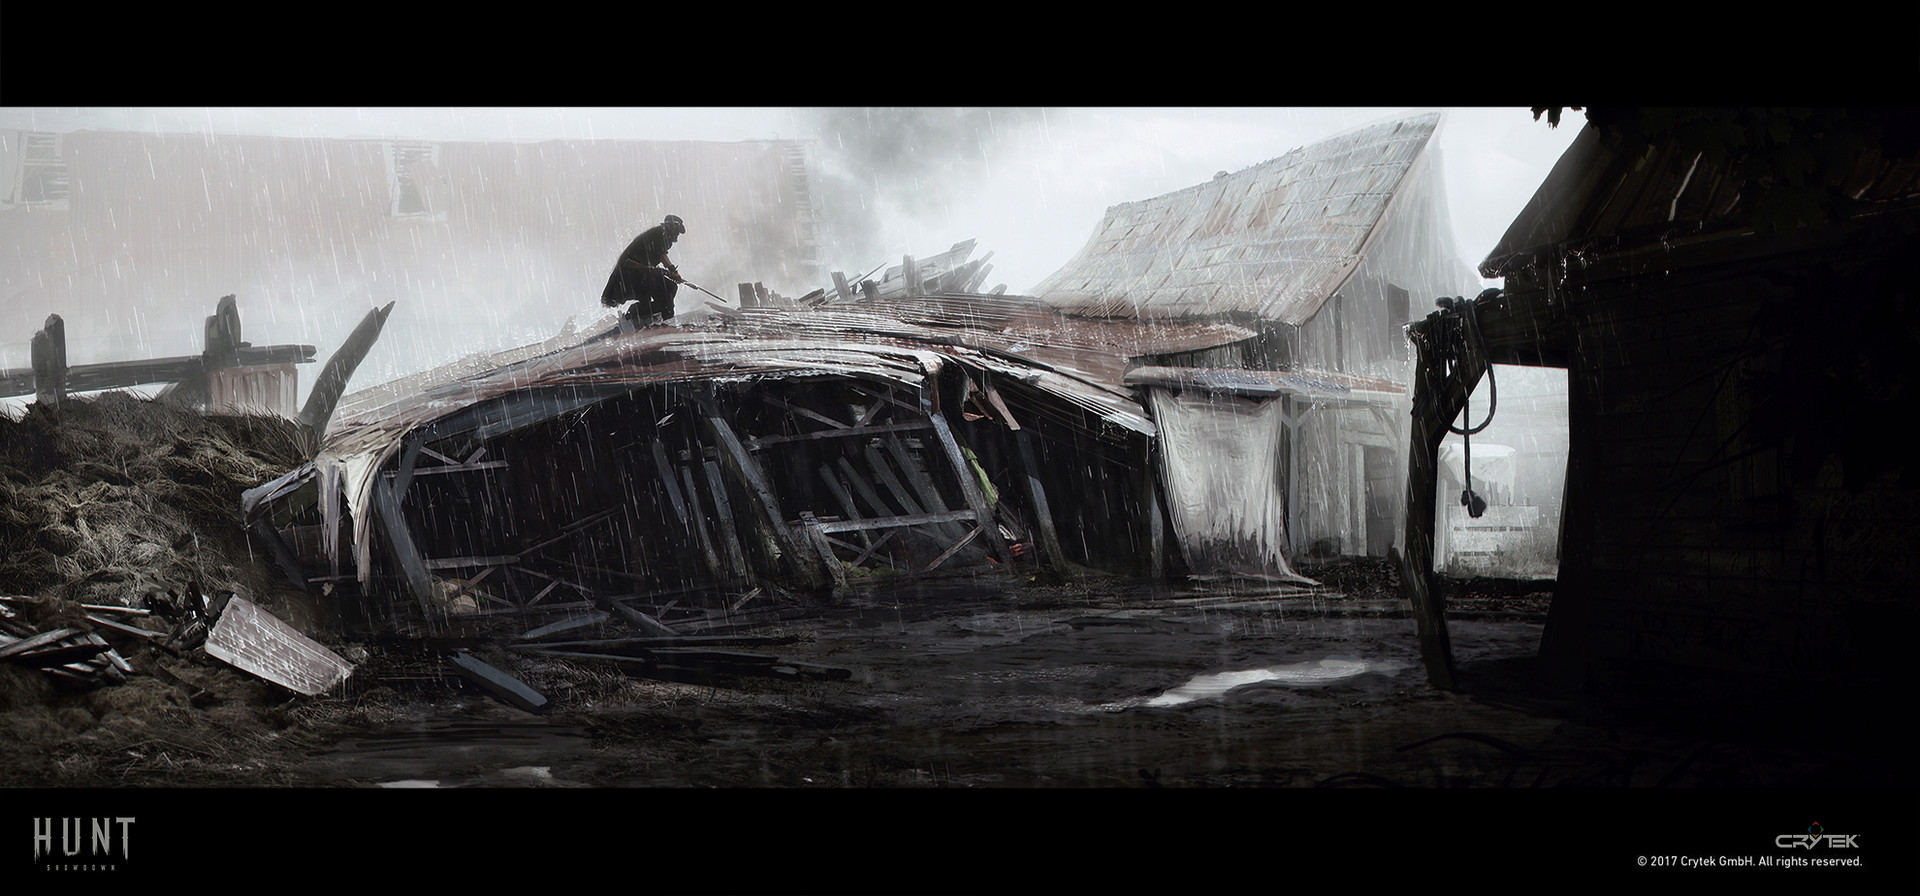 Lars sowig bankside farm concept